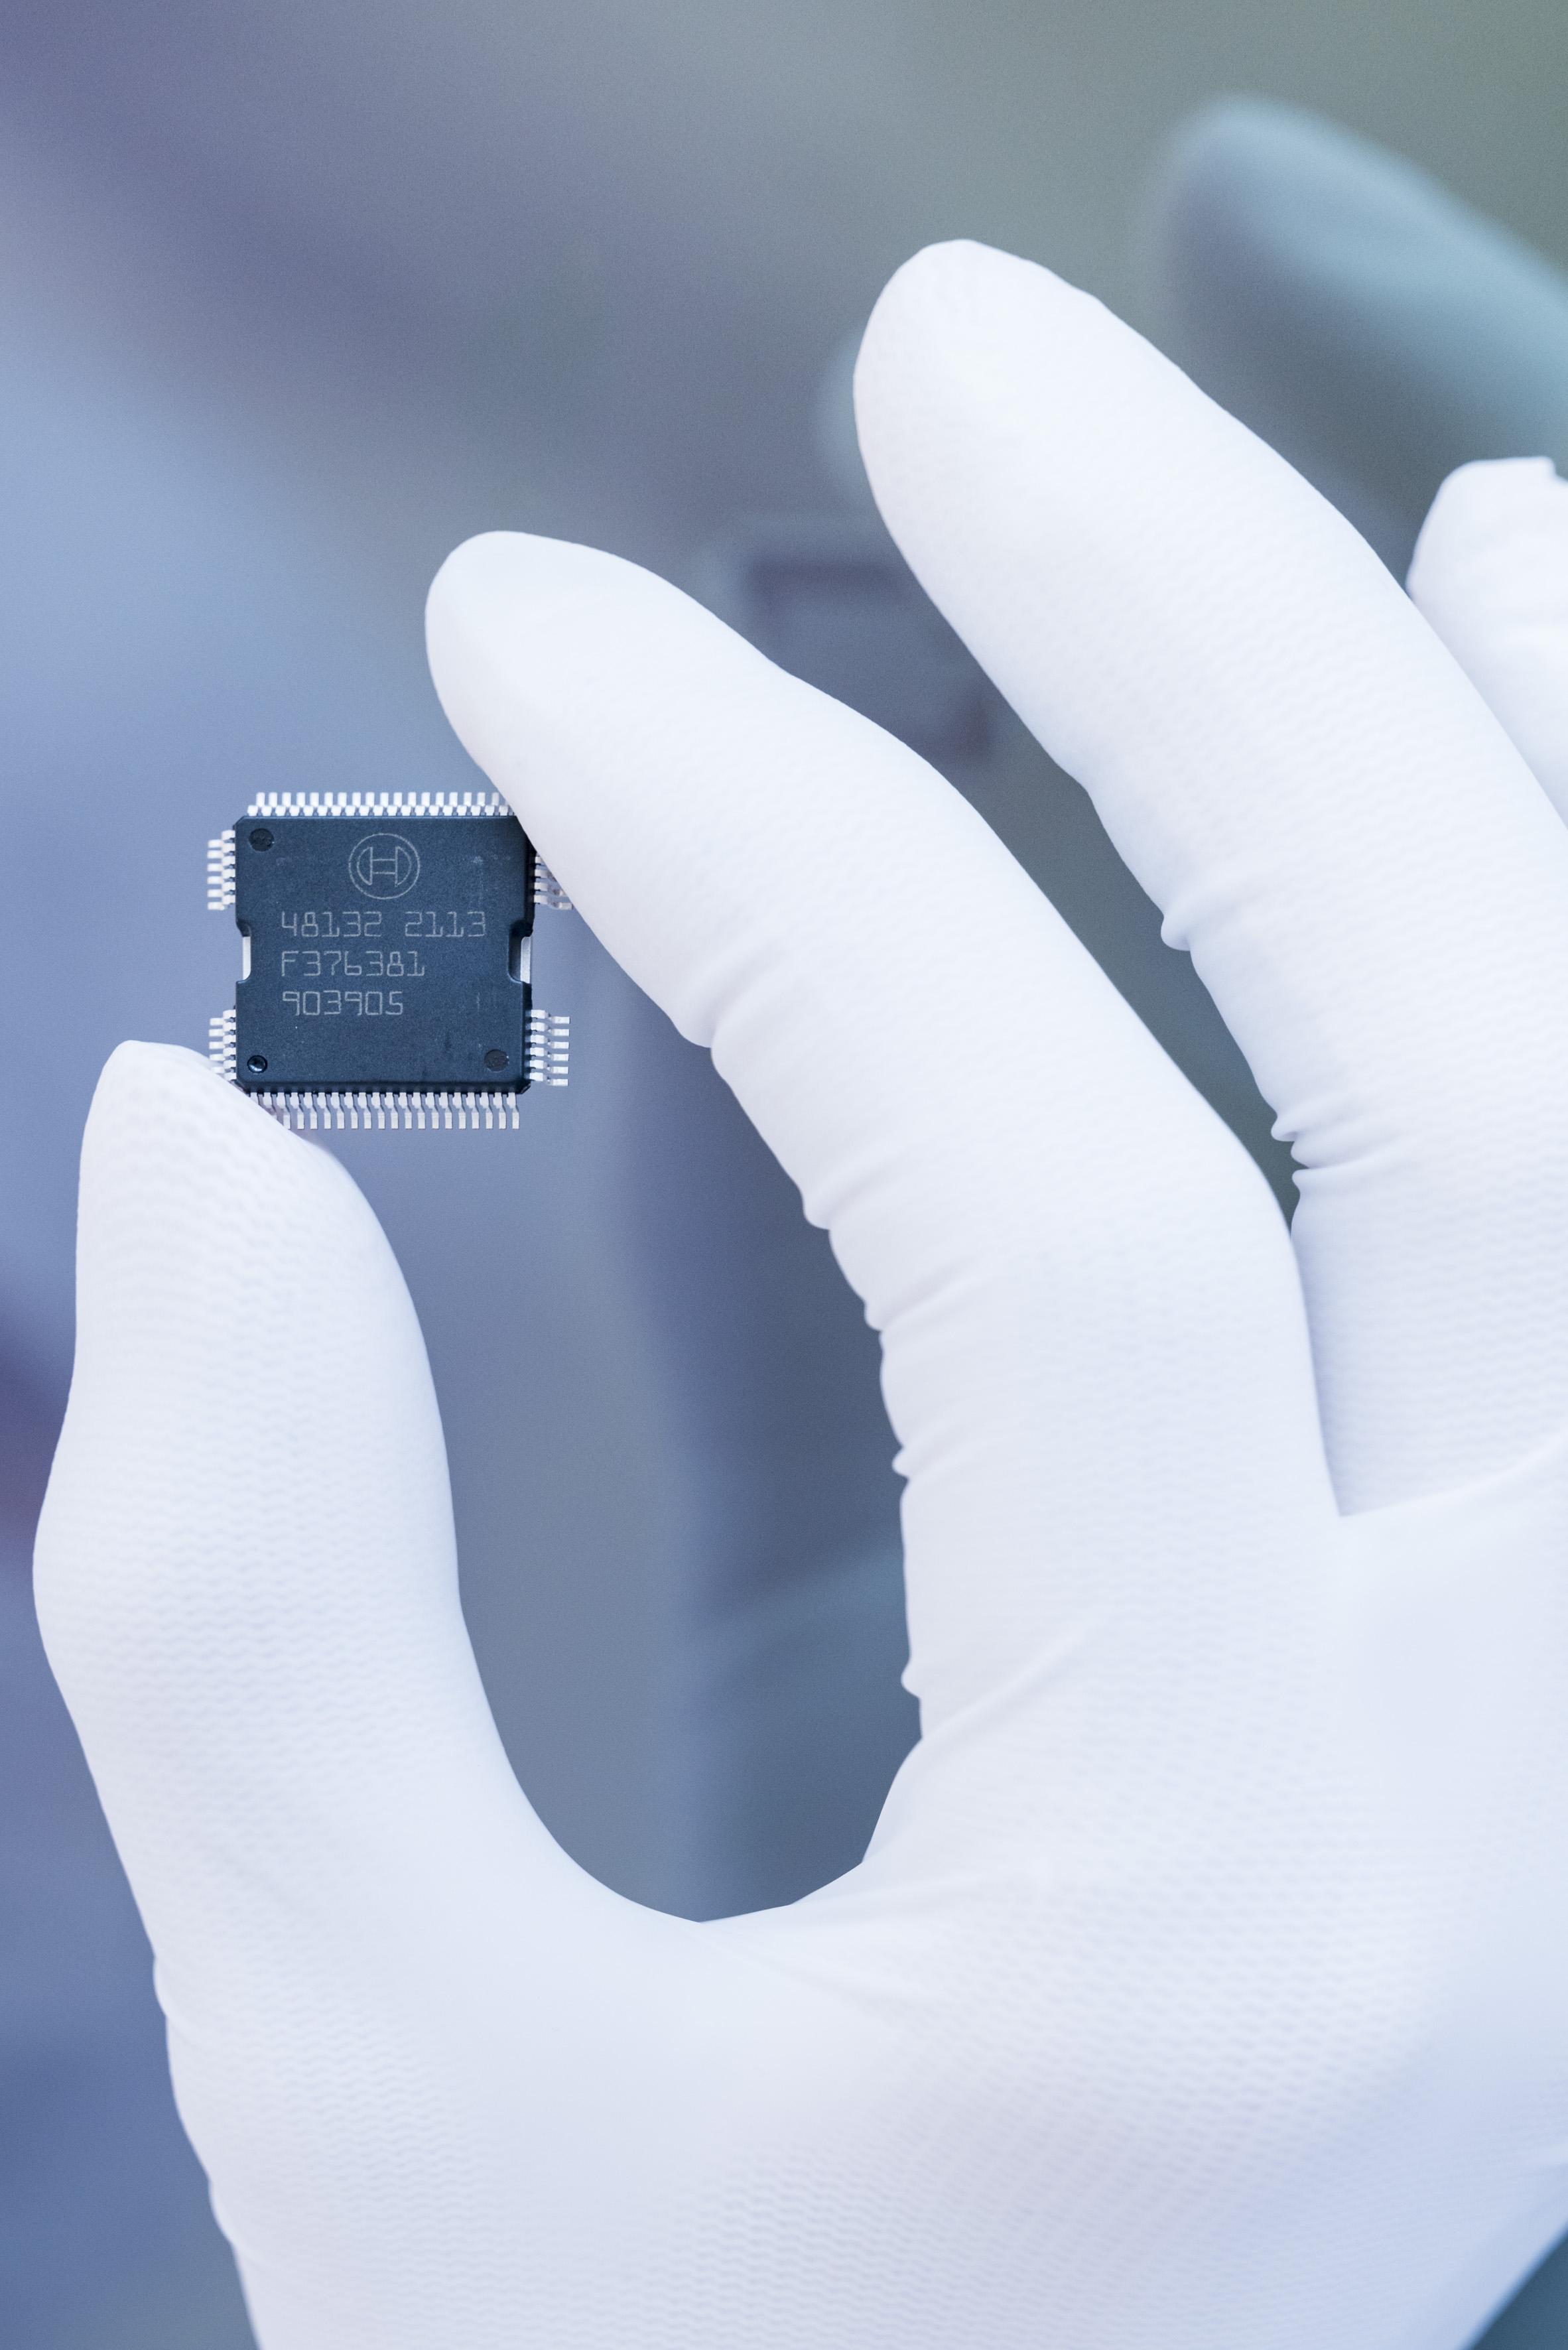 Výroba automobilových mikročipov bude hlavným zameraním.